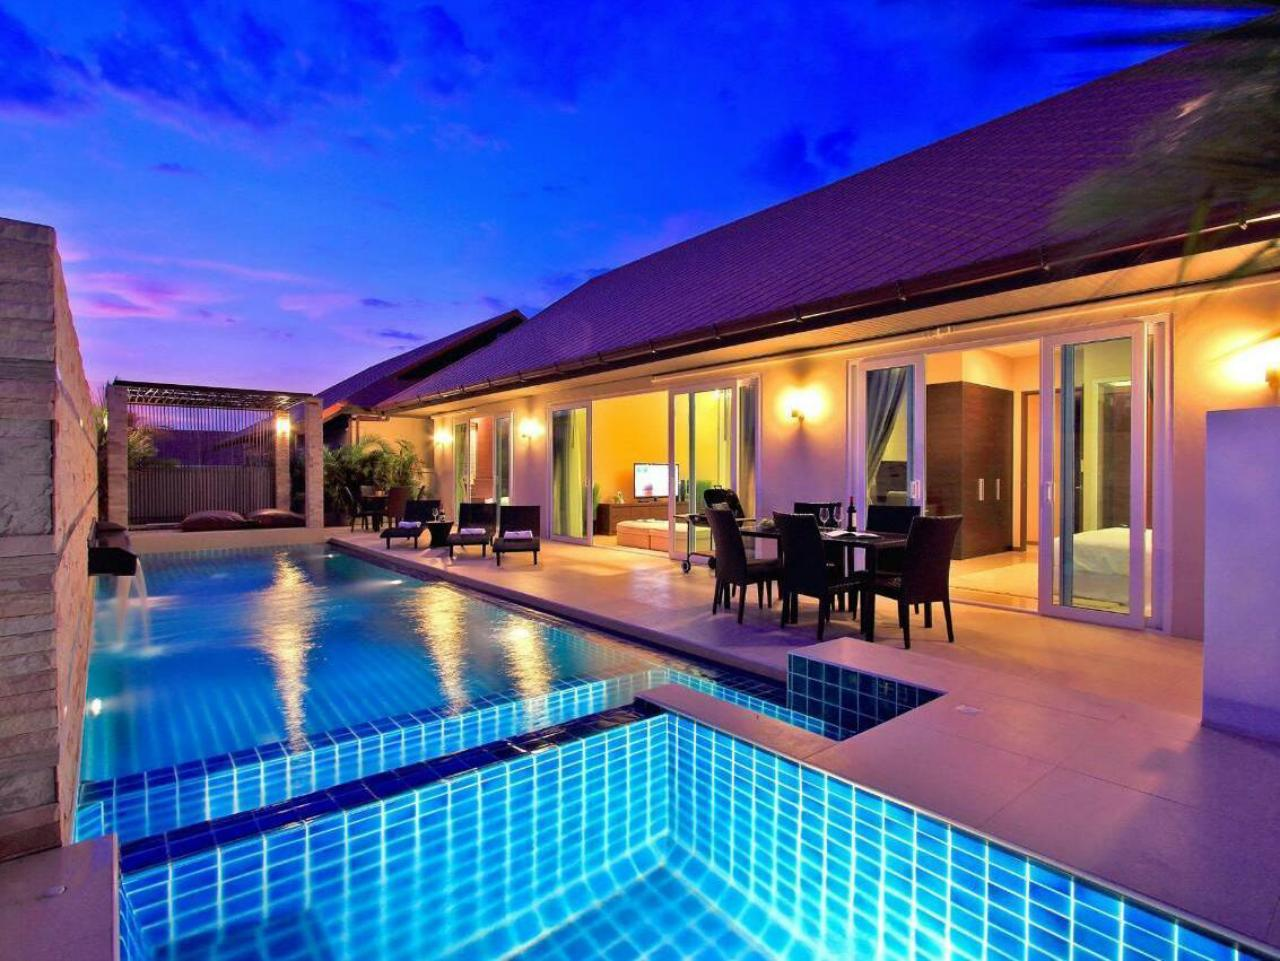 เดอะ วิลล์ จอมเทียน พูล วิลลา (The Ville Jomtien Pool Villa)